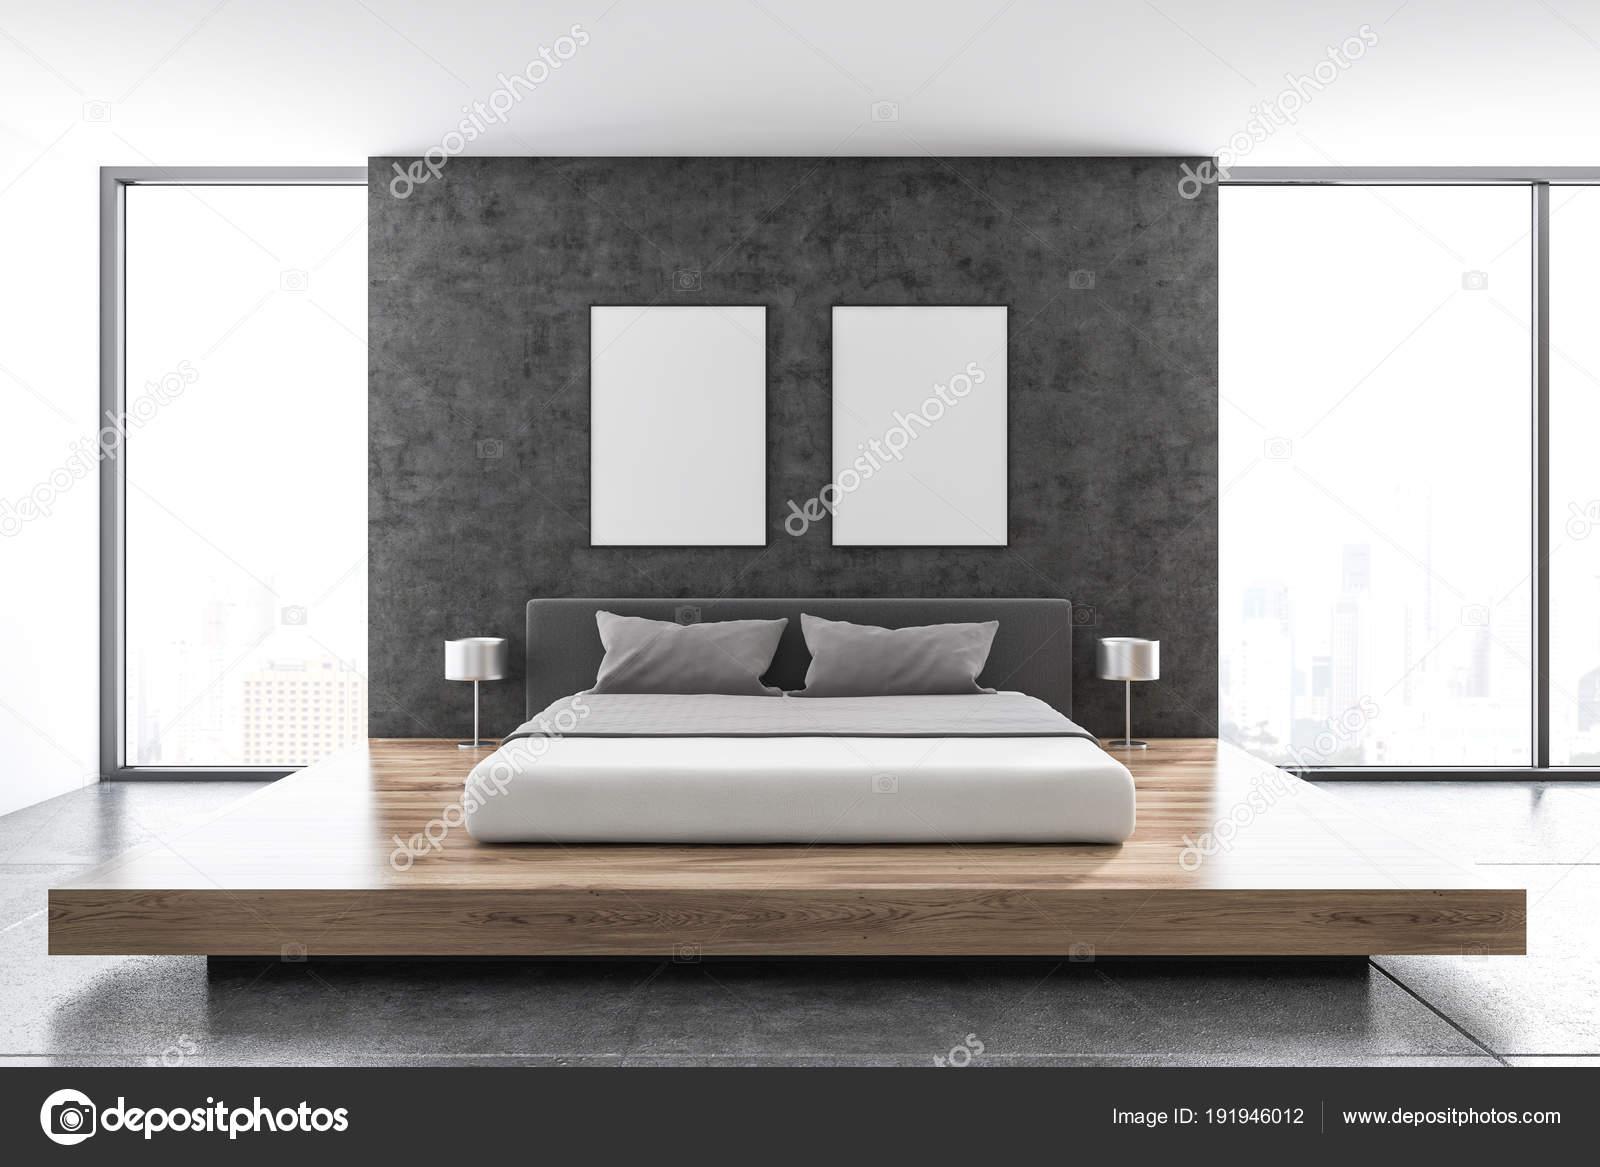 Betonnen muur Scandinavische slaapkamer, posters — Stockfoto ...